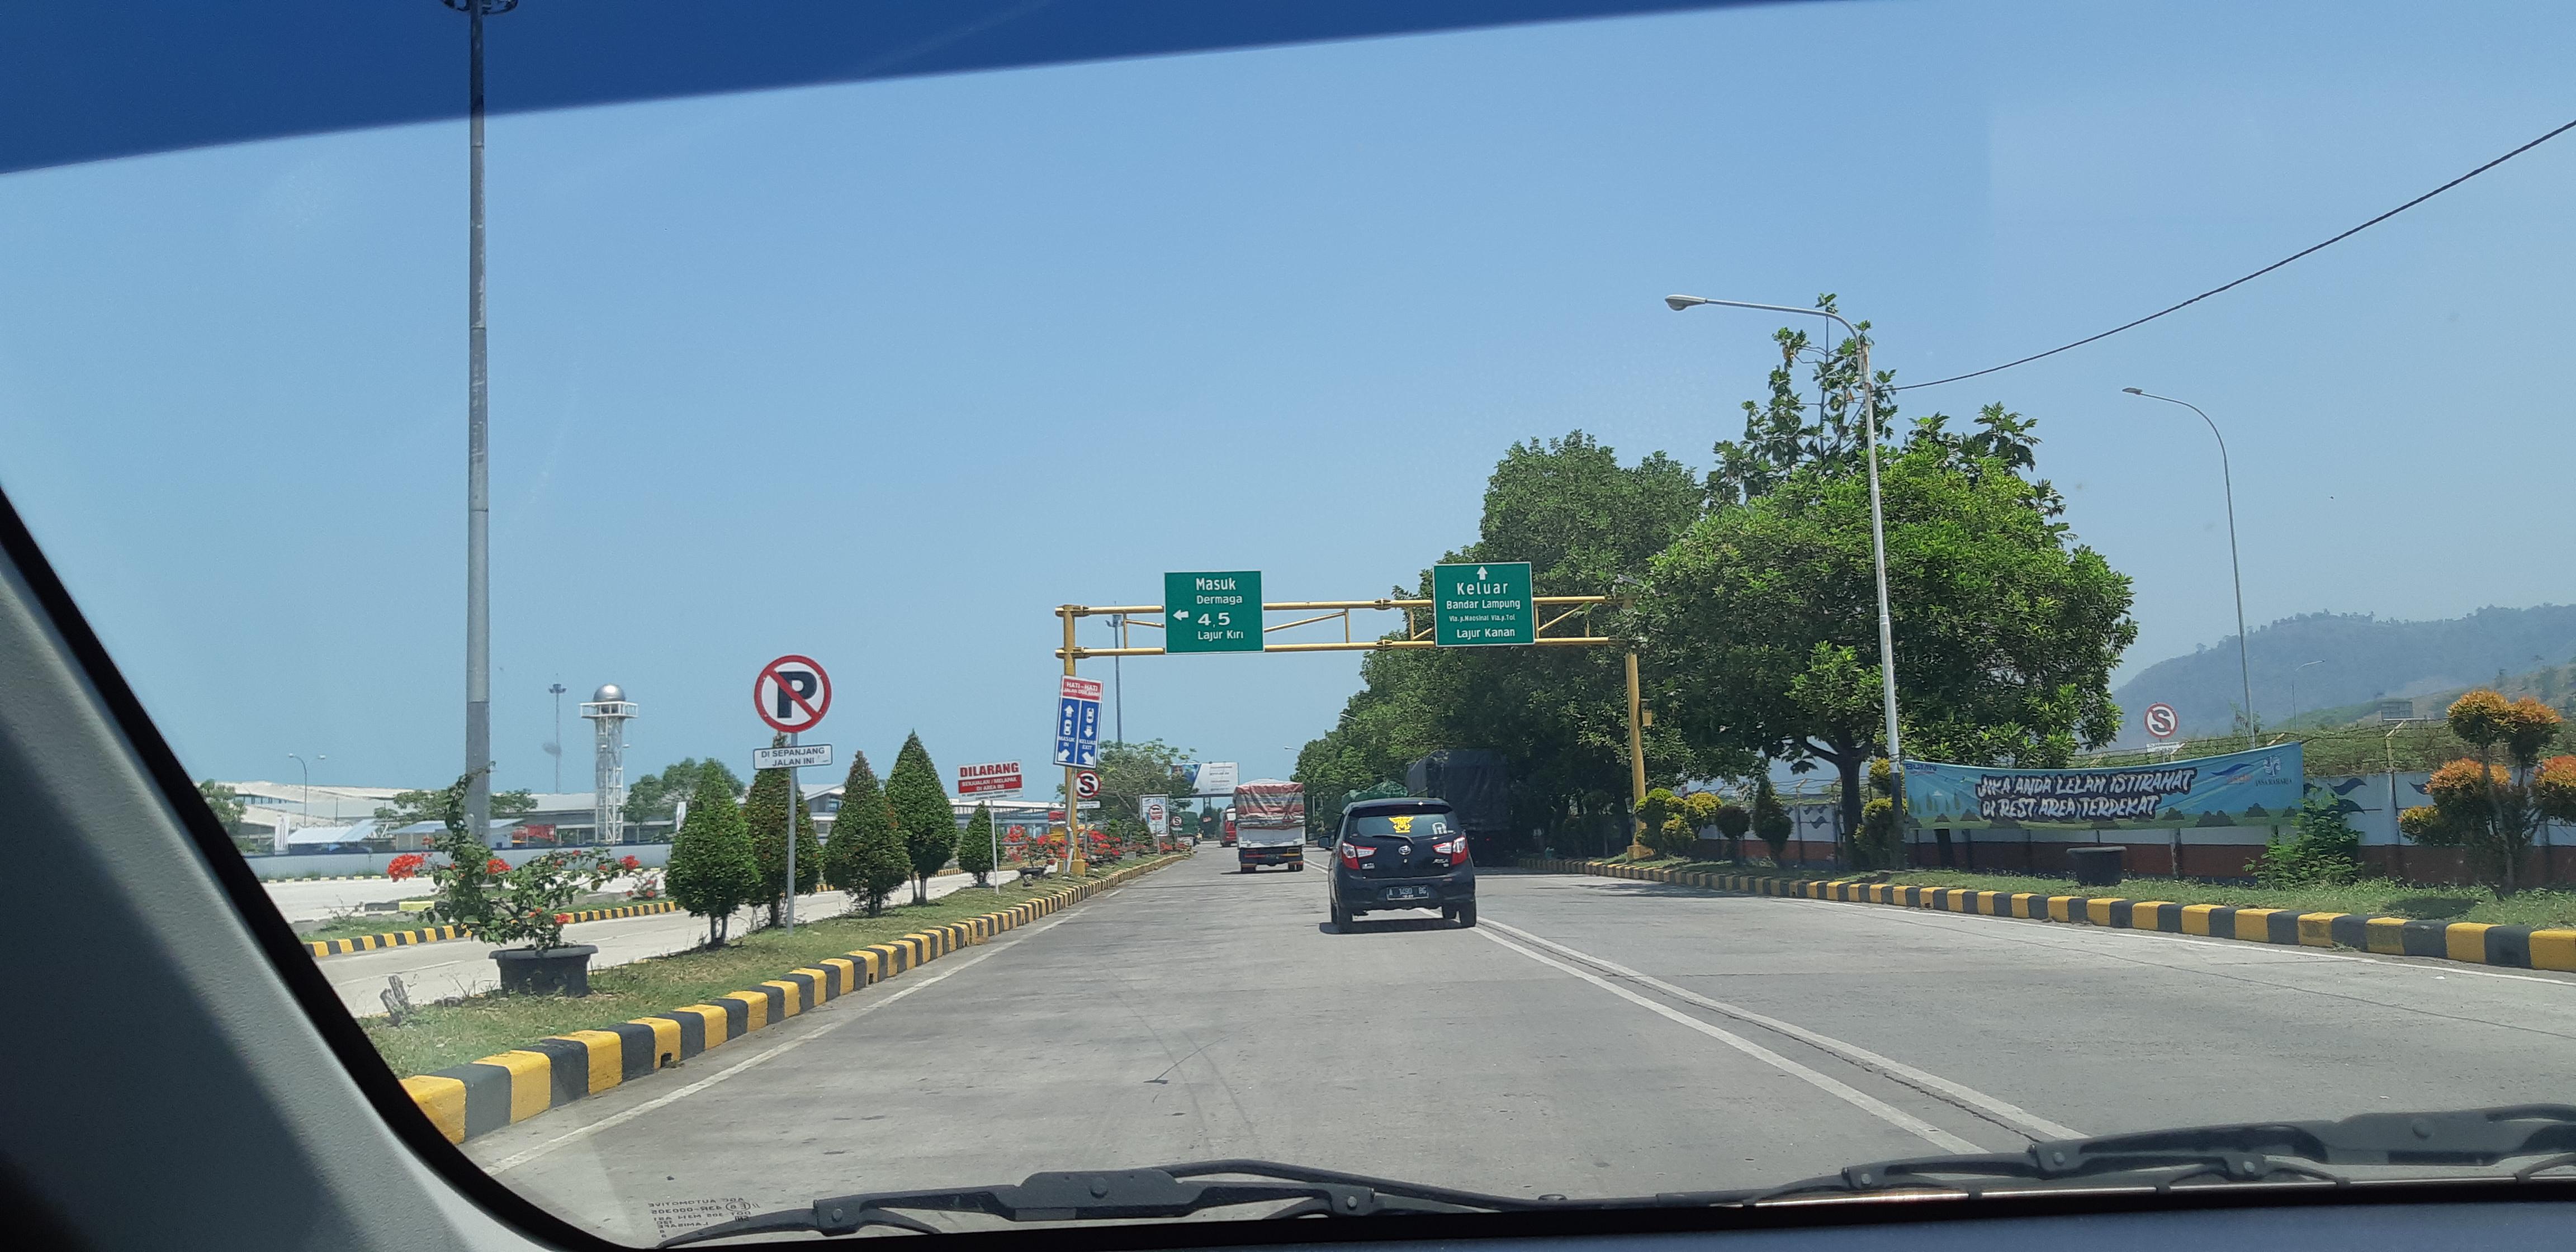 Menjajal Jalan Darat Lintas Tengah Sumatera Jakarta Padang Dengan Keluarga Kecil Dunia Biza